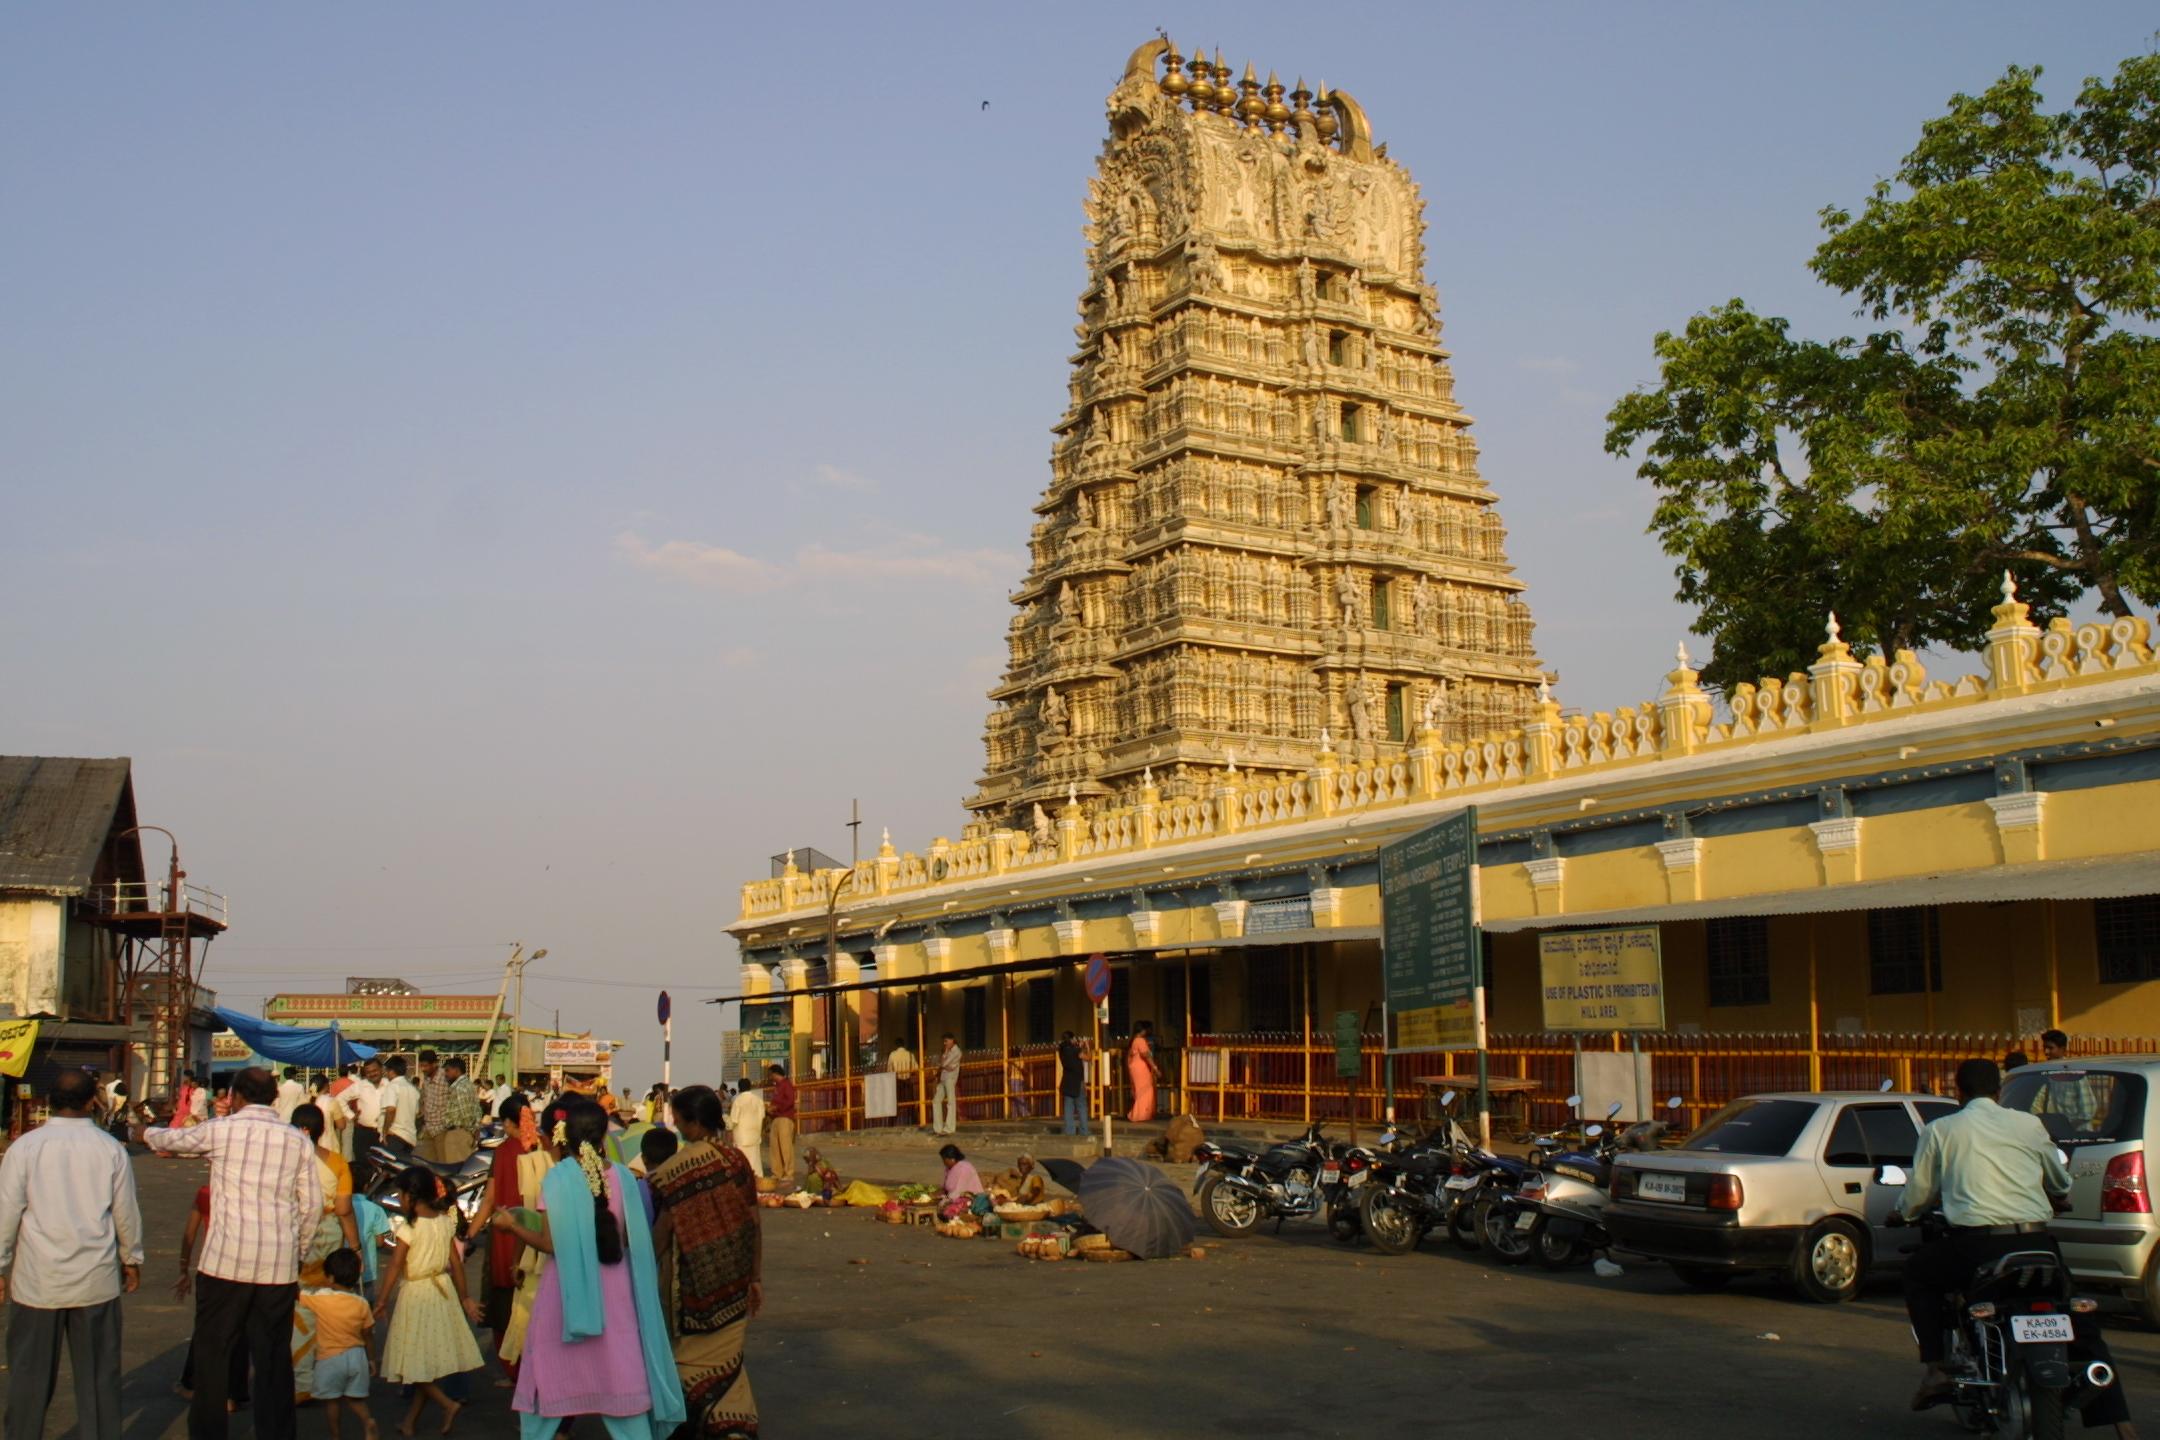 Lakshmiramana Swamy Temple